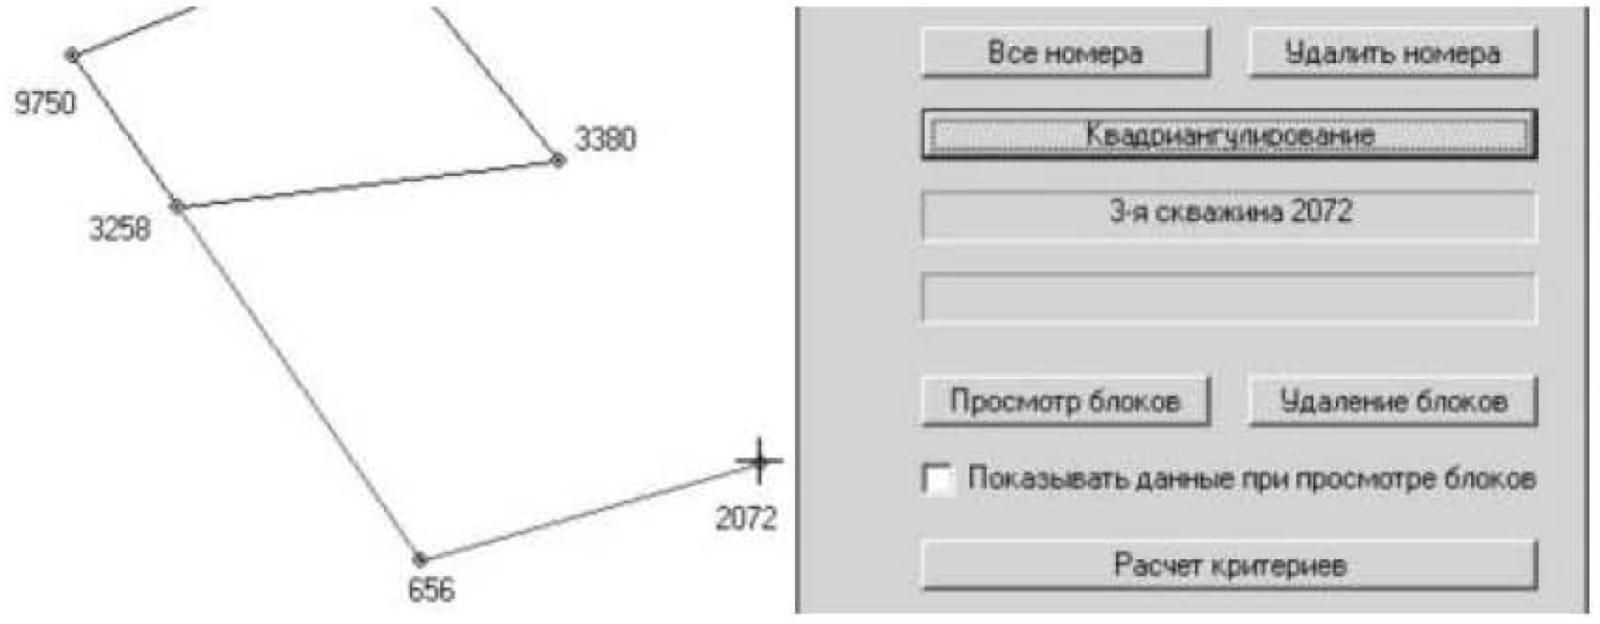 Рисунок 2 – Фрагмент панели подрежима «Оценка геологоразведки» при выполнении квадриангулирования